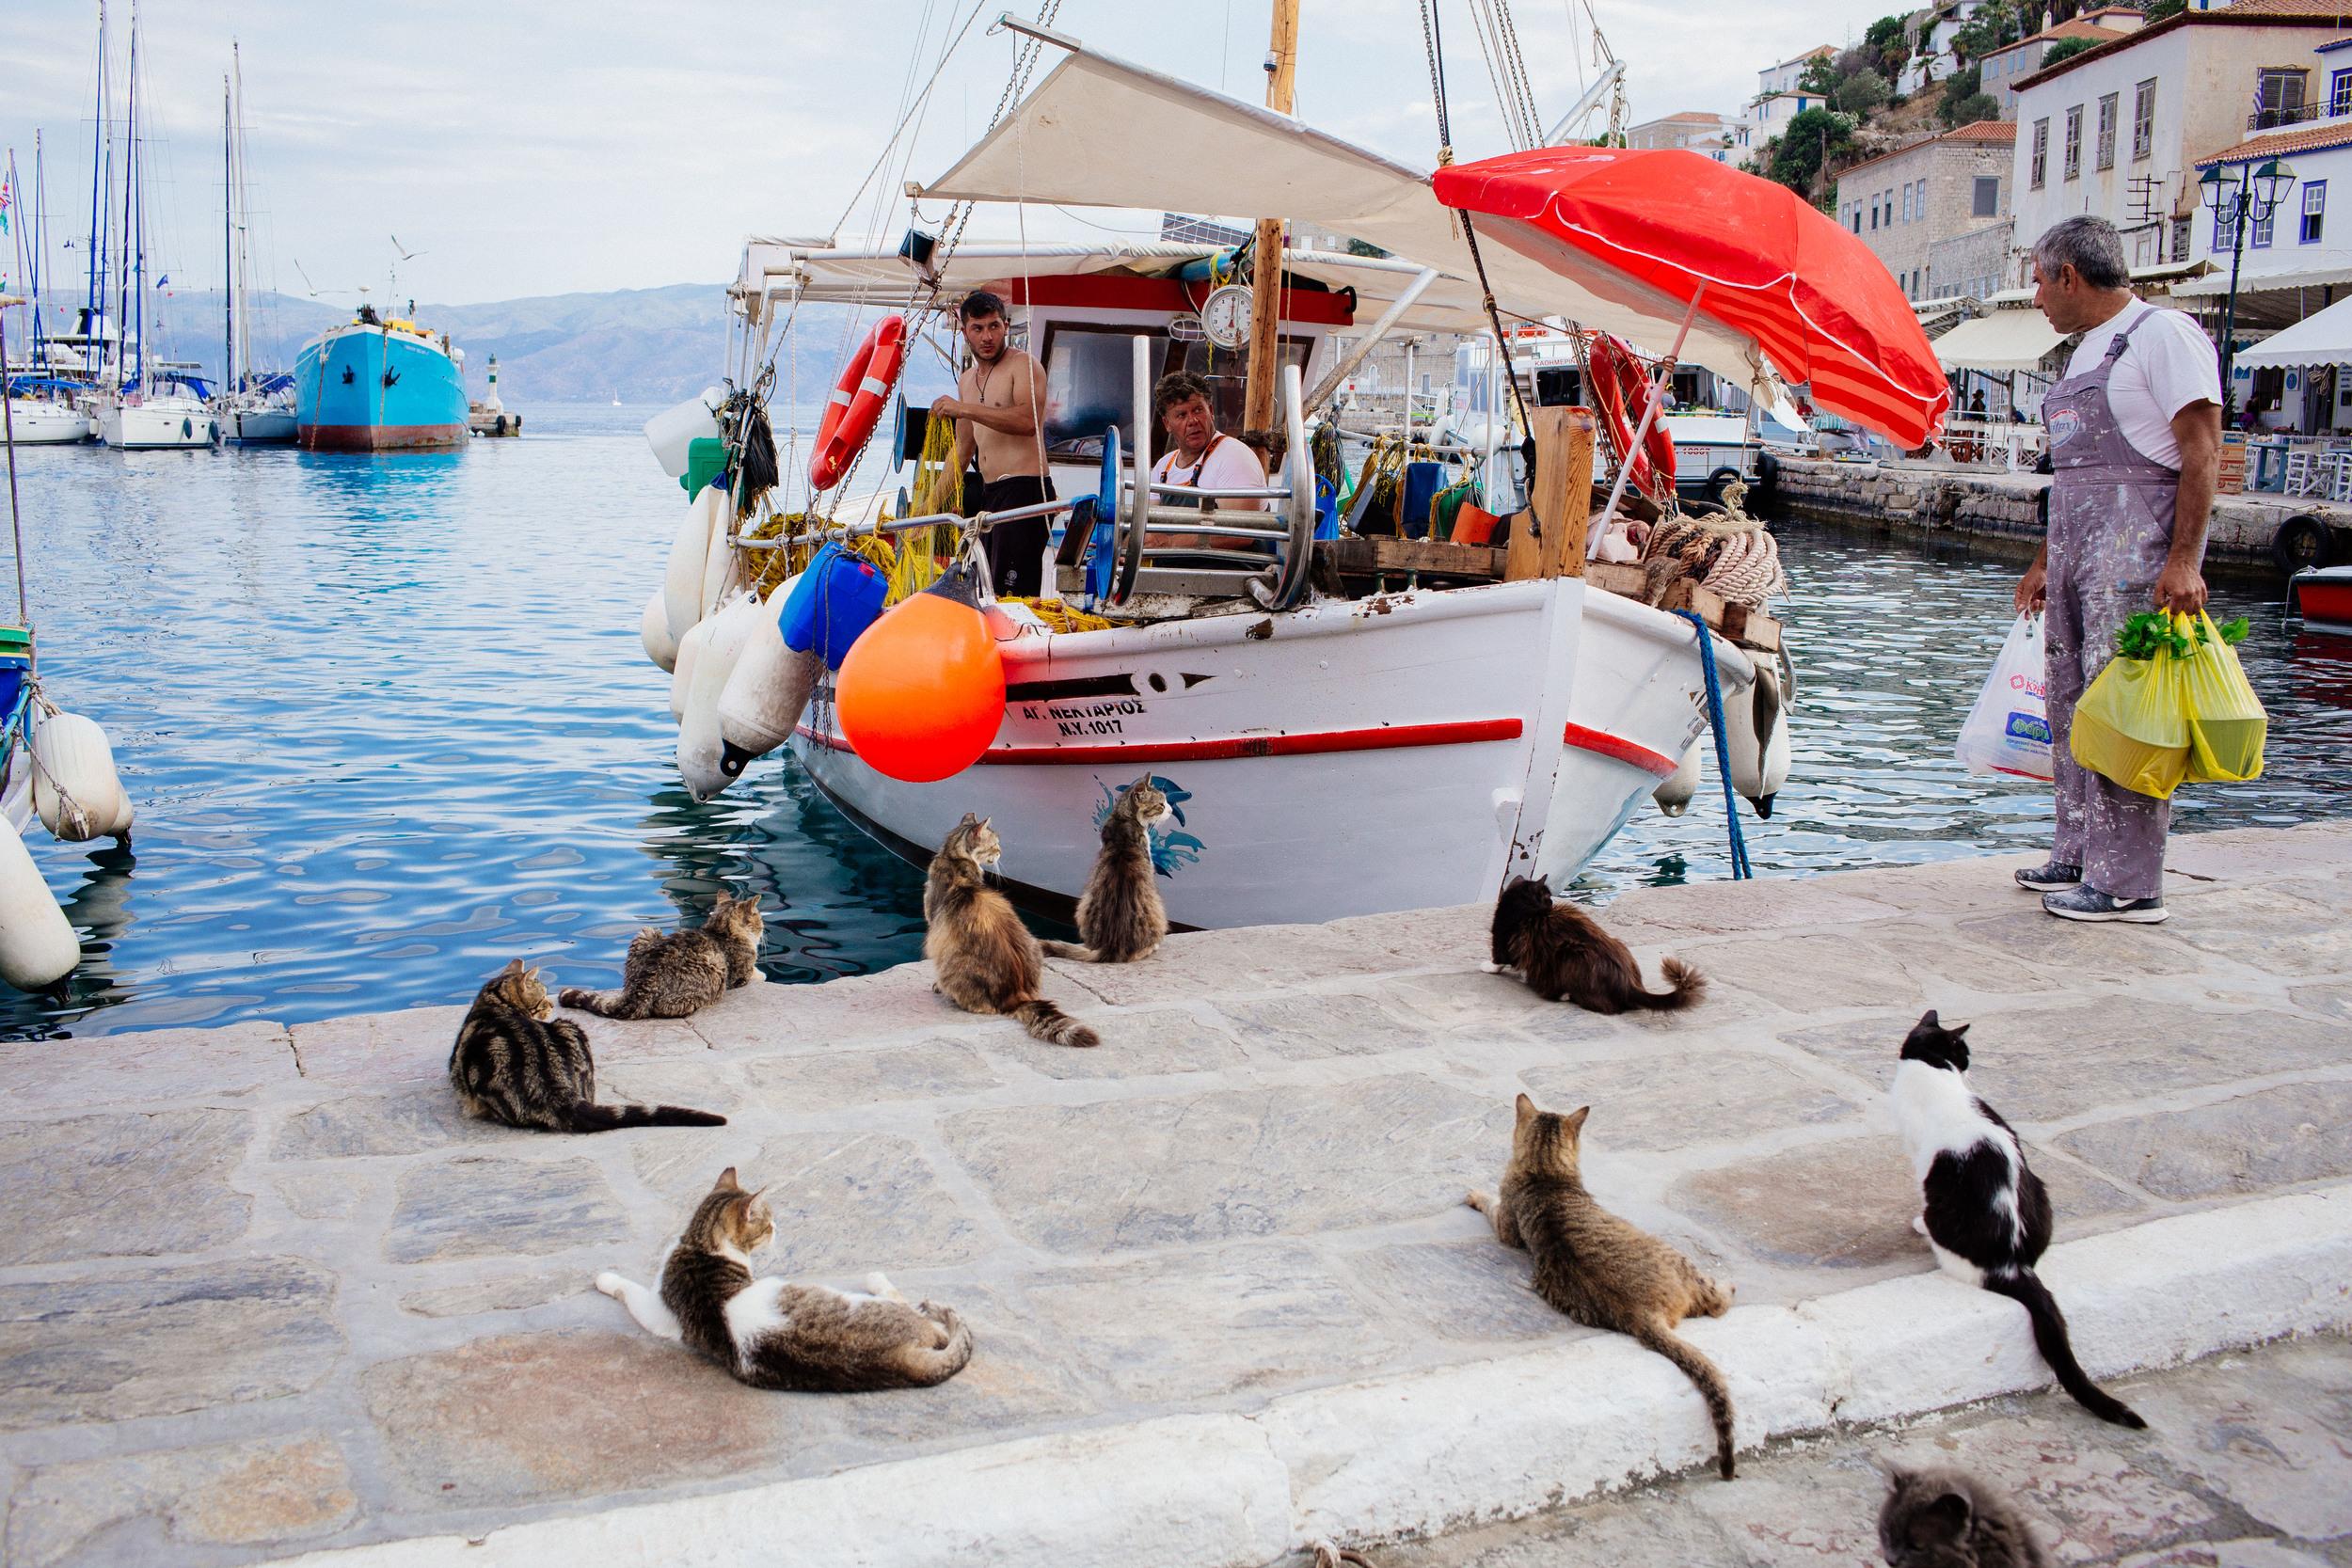 Greece_062015_emb-89.jpg